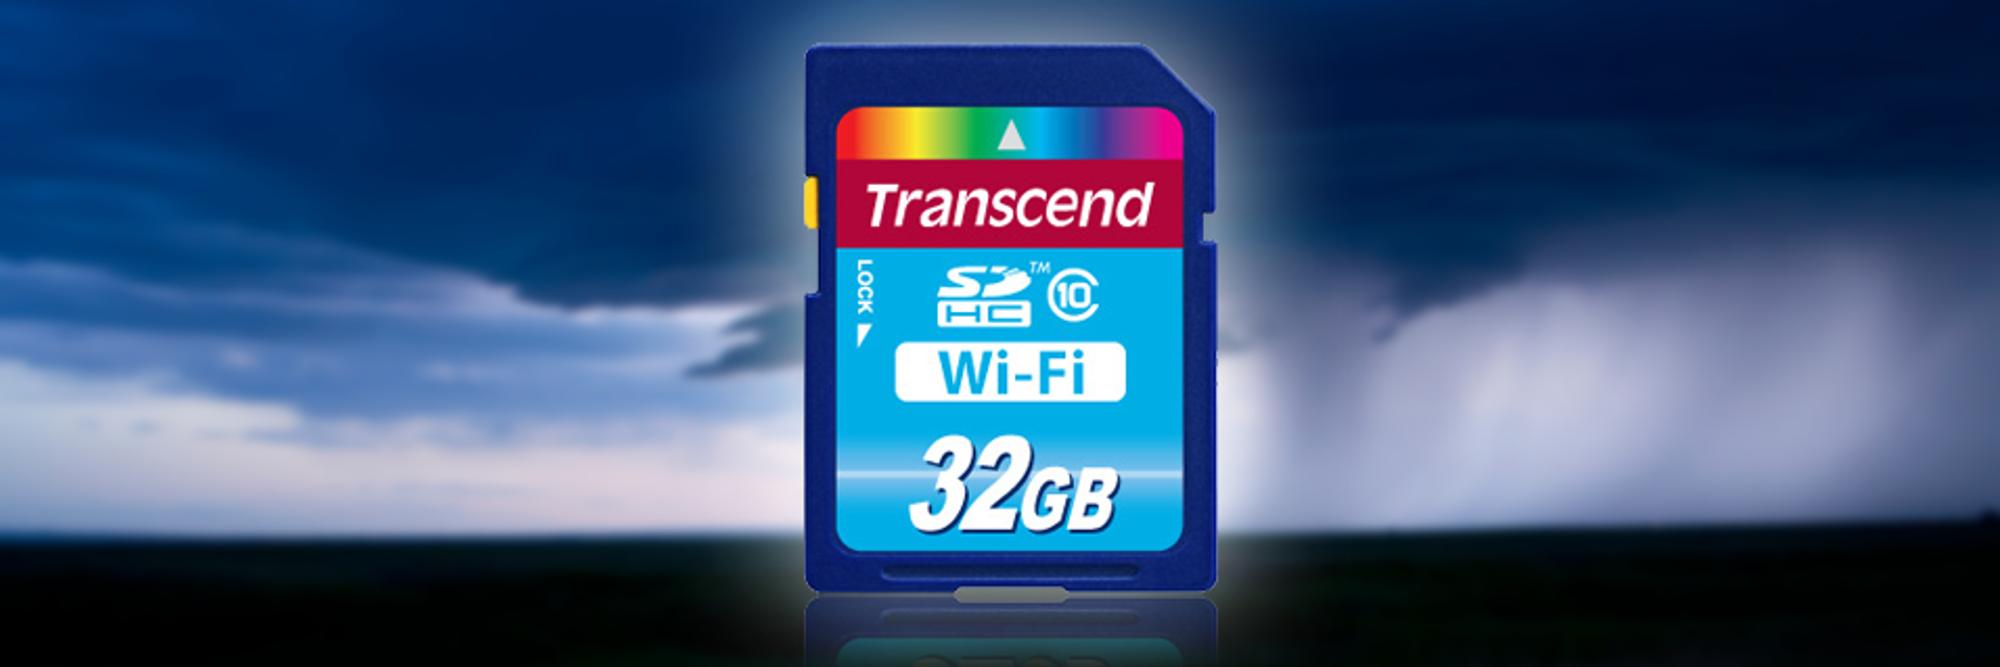 Nye Wi-Fi-kort fra Transcend